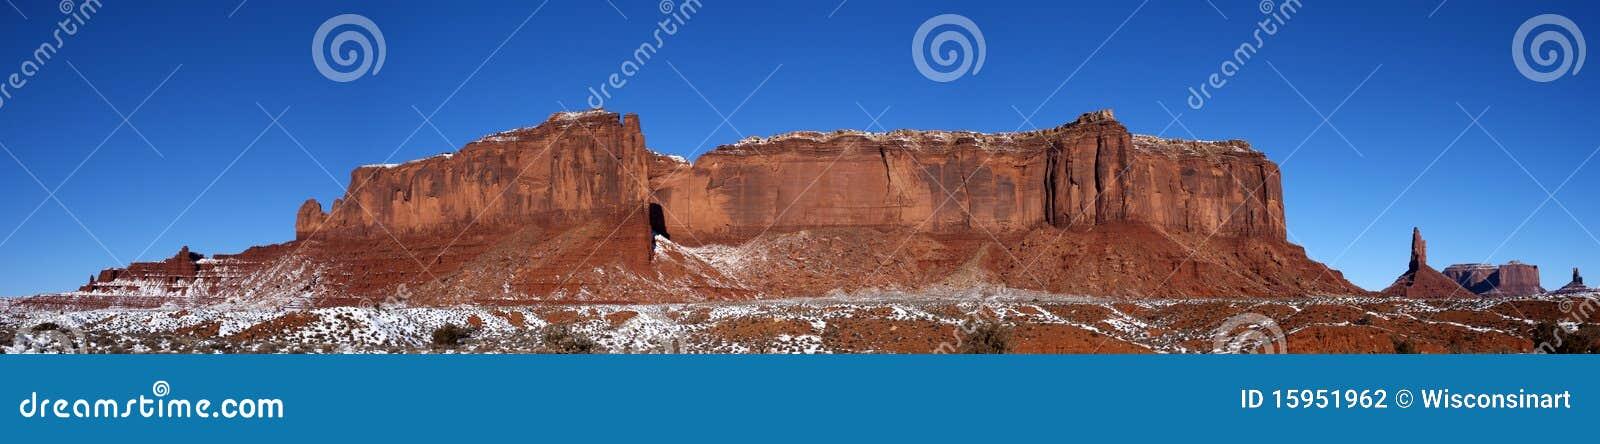 Panorama Ridge, montagnes, neige de vallée de monument